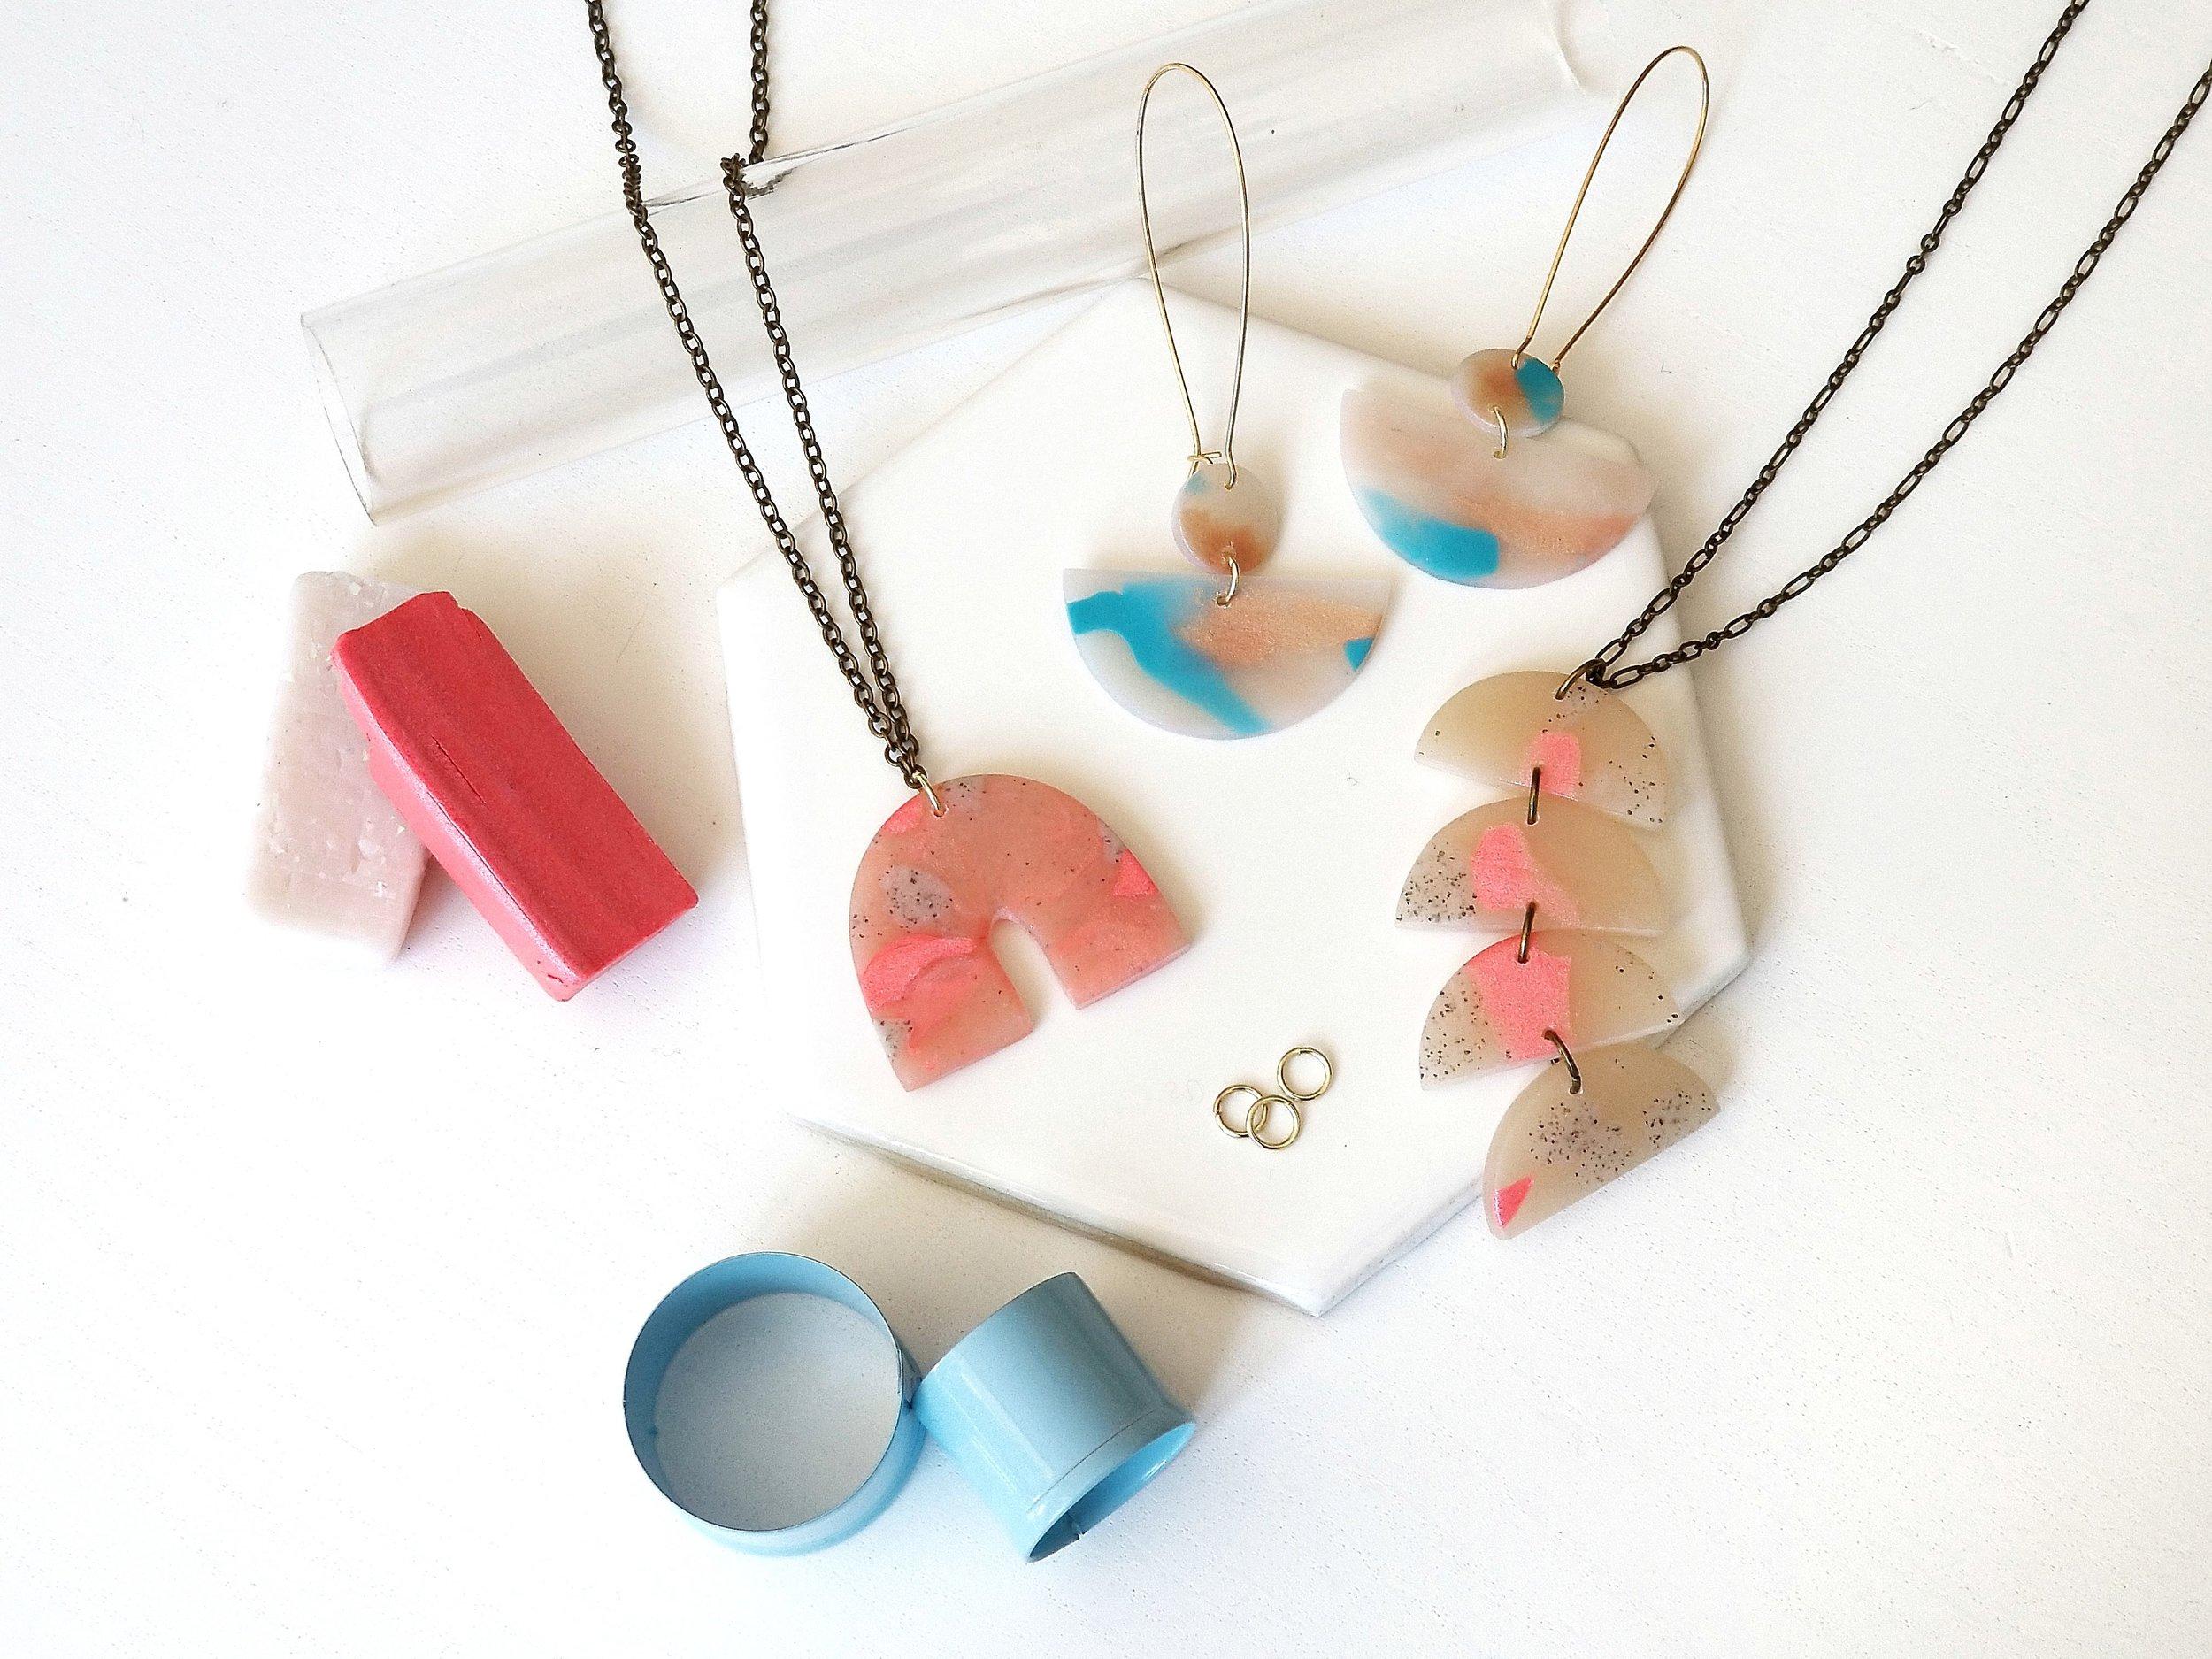 polymer-class-jewelry-workshop-portland